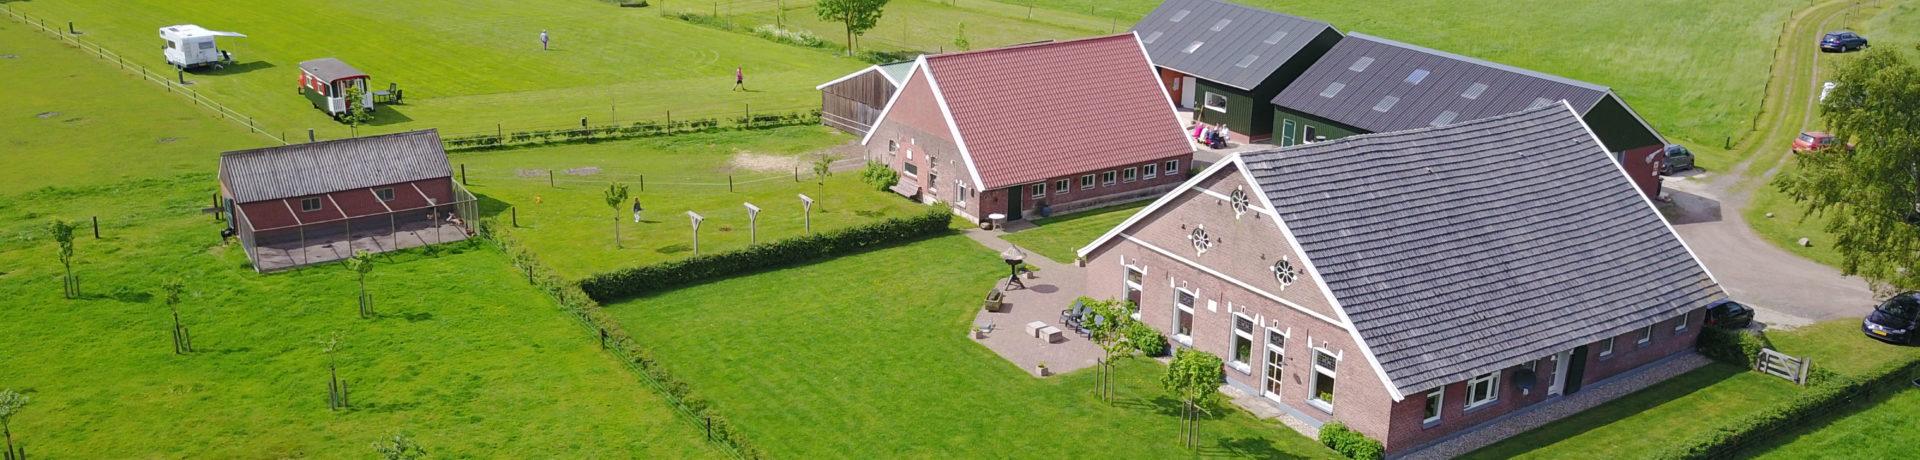 Landschapscamping 't Scharrelhoes in Boekelo in Overijssel is rustig gelegen te midden in het fraaie Twentse coulisselandschap.